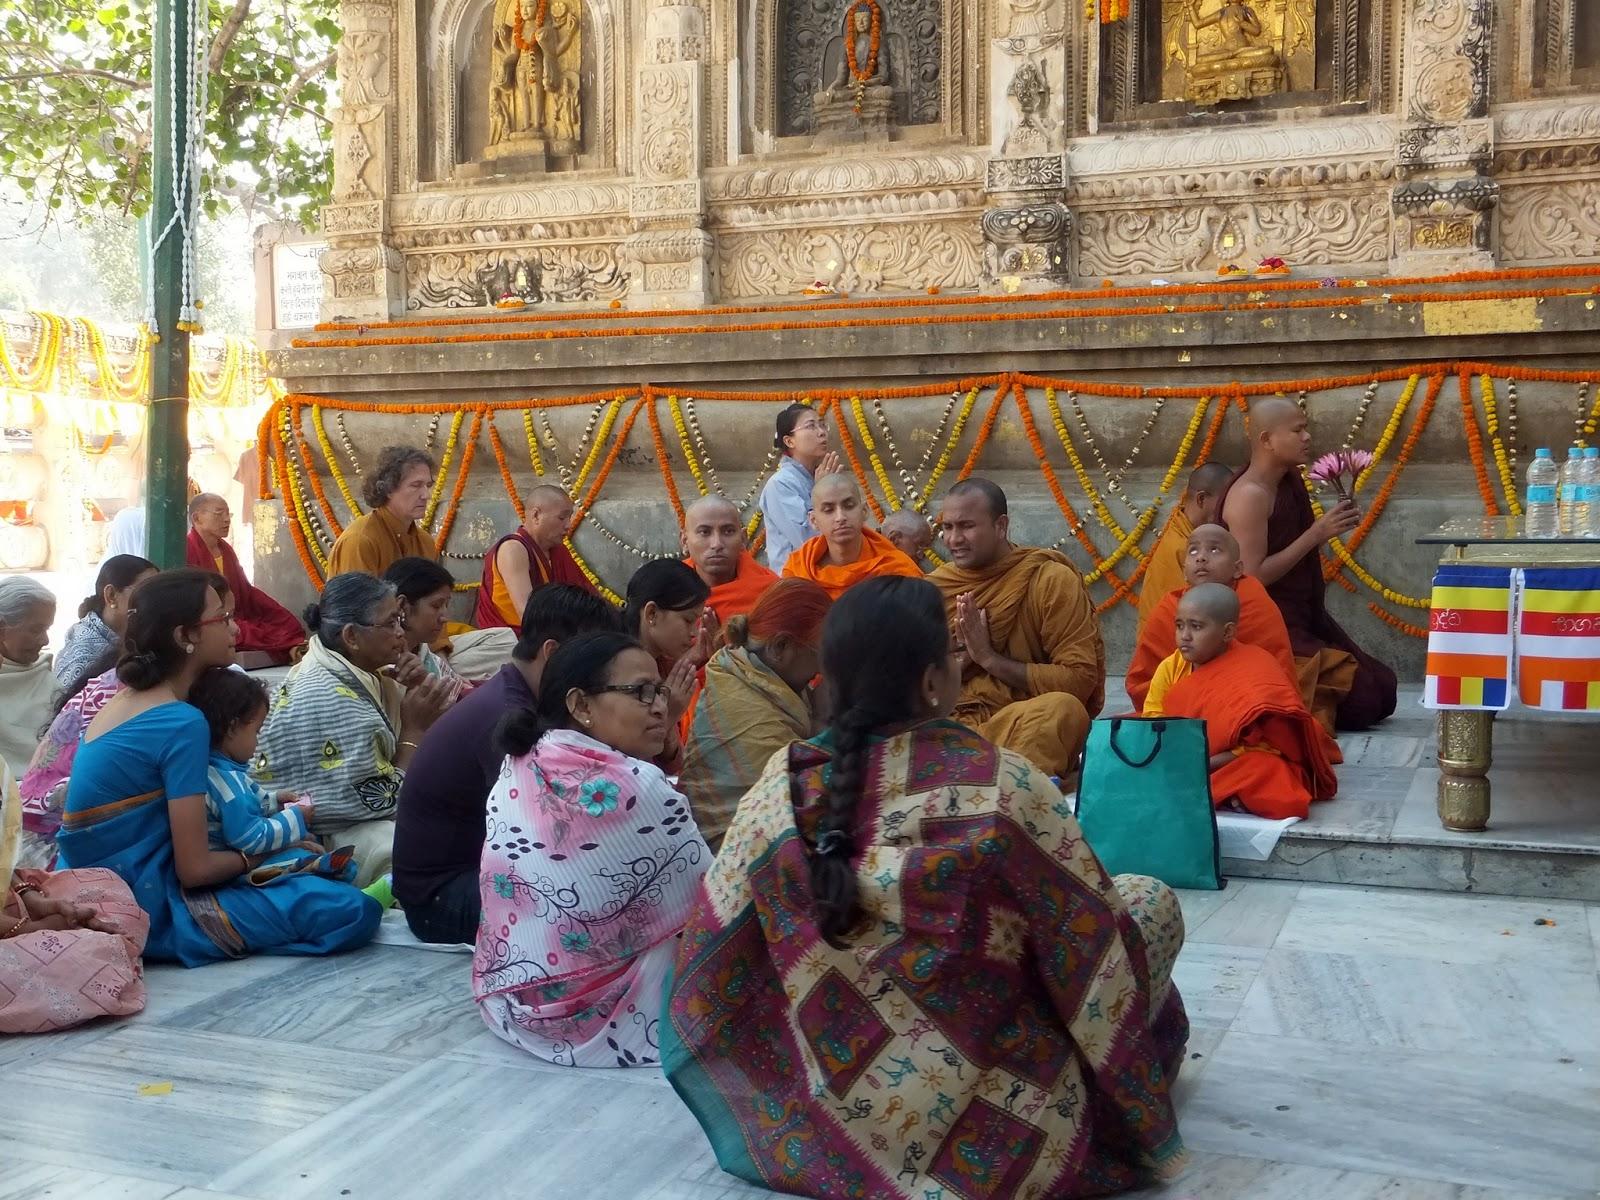 буддистские монахи читают проповедь индусам